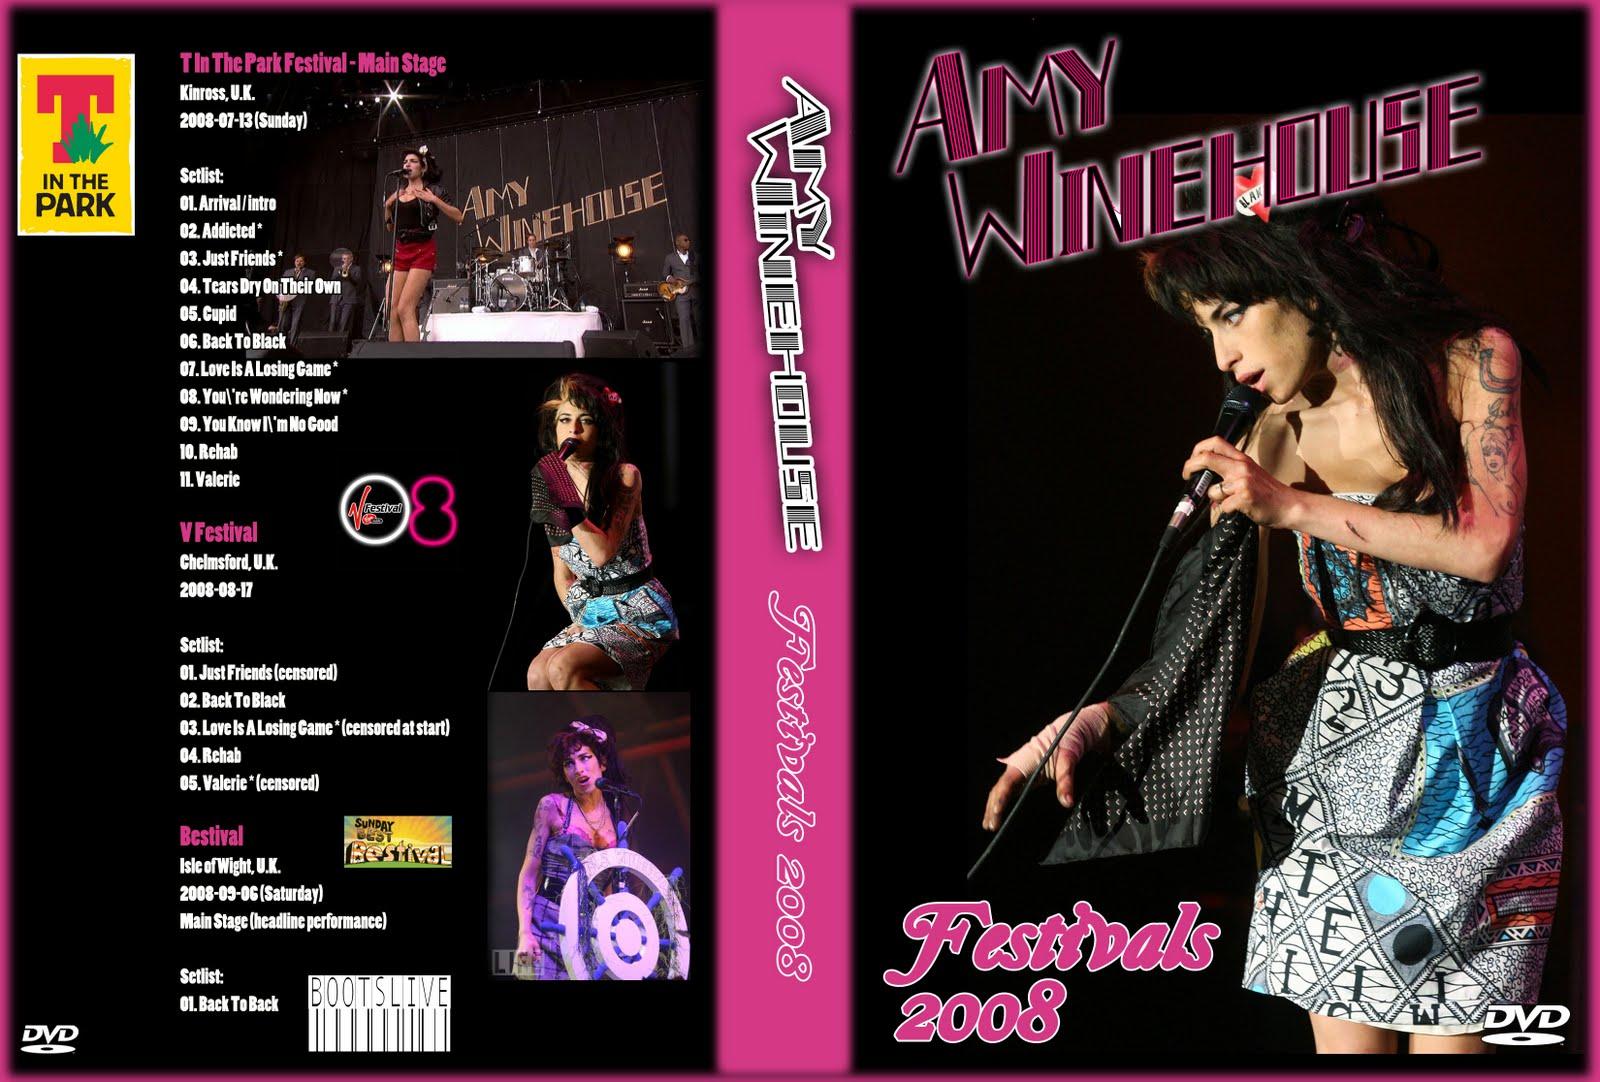 http://4.bp.blogspot.com/-7nqDzMOmYGQ/Tj5njqpBvEI/AAAAAAAAC08/17LgRqLLA08/s1600/Amy-TPark-V-FEst-2008-BOOTSLIVE-DVD.jpg